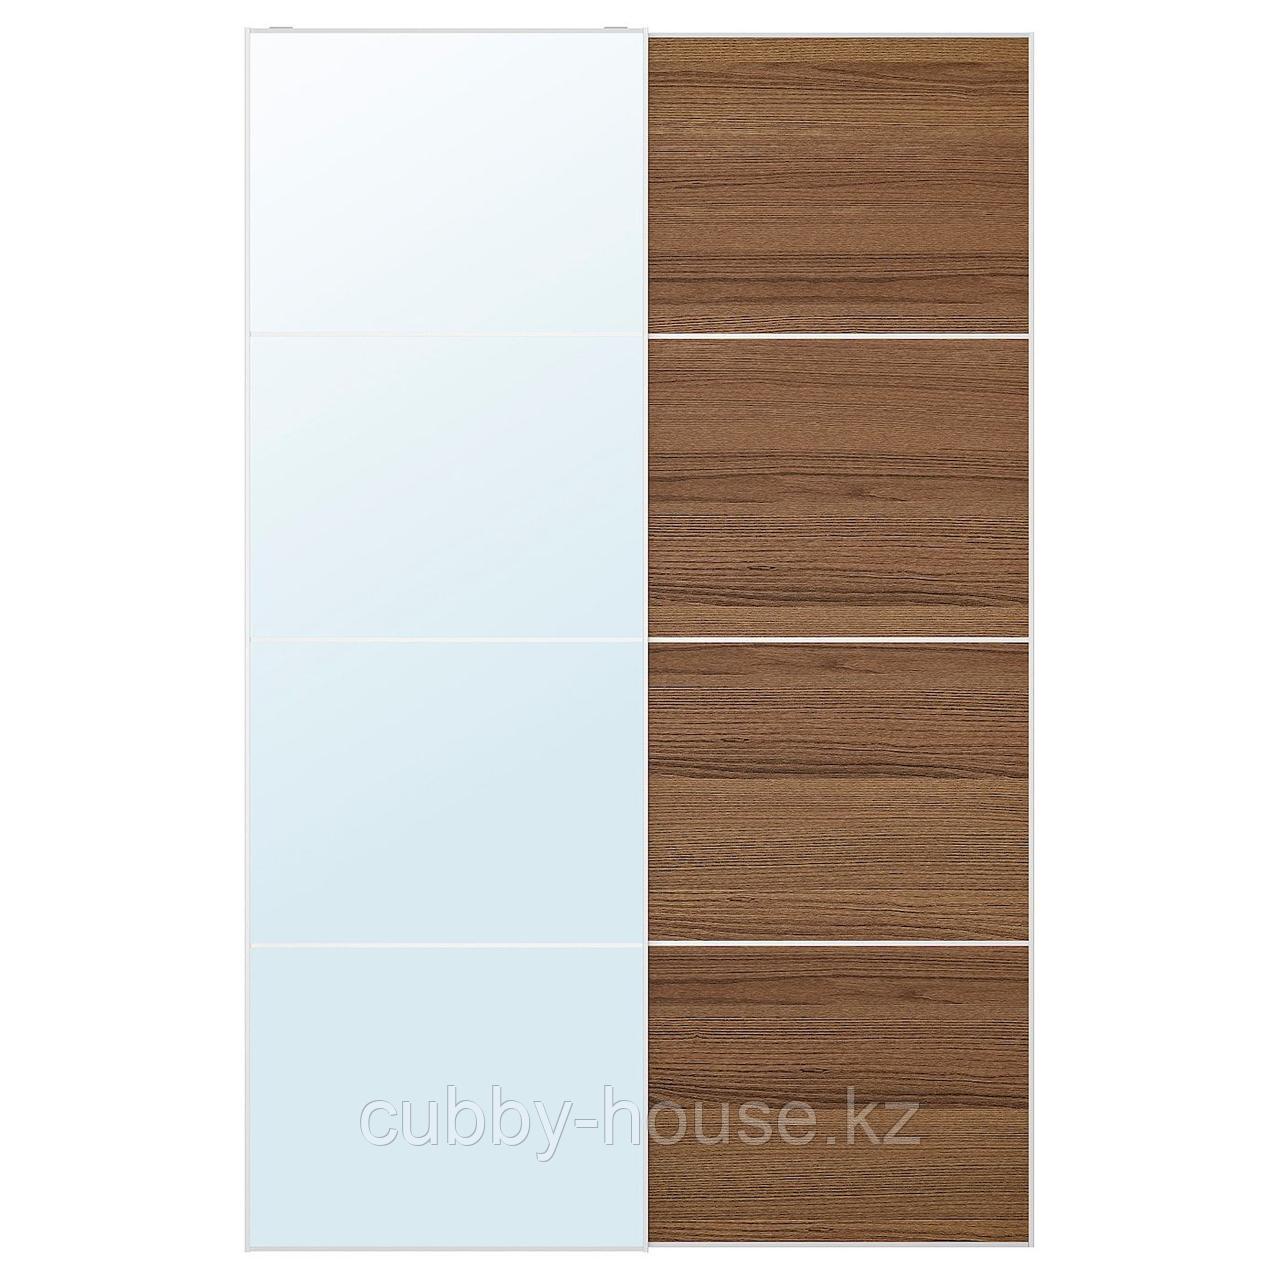 АУЛИ / МЕХАМН Пара раздвижных дверей, зеркальное стекло, под коричневый мореный ясень, 200x236 см